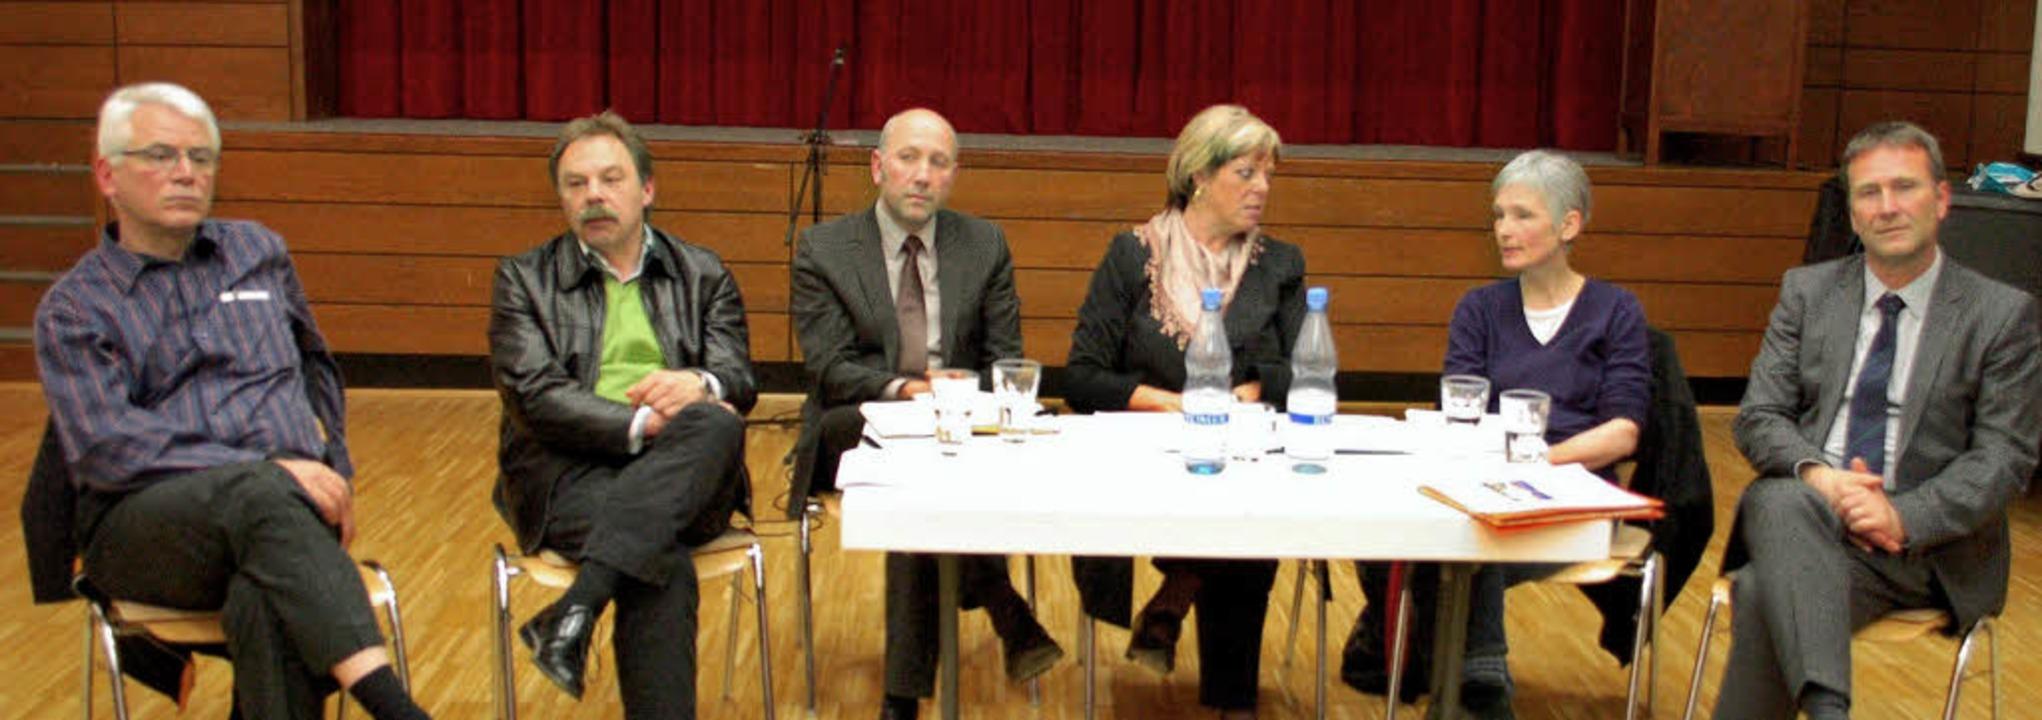 Auf dem Podium (von links): Michael Fr...Wölfle, Mechtild Ganter und Jürgen Ruf  | Foto: dapd, Sommer